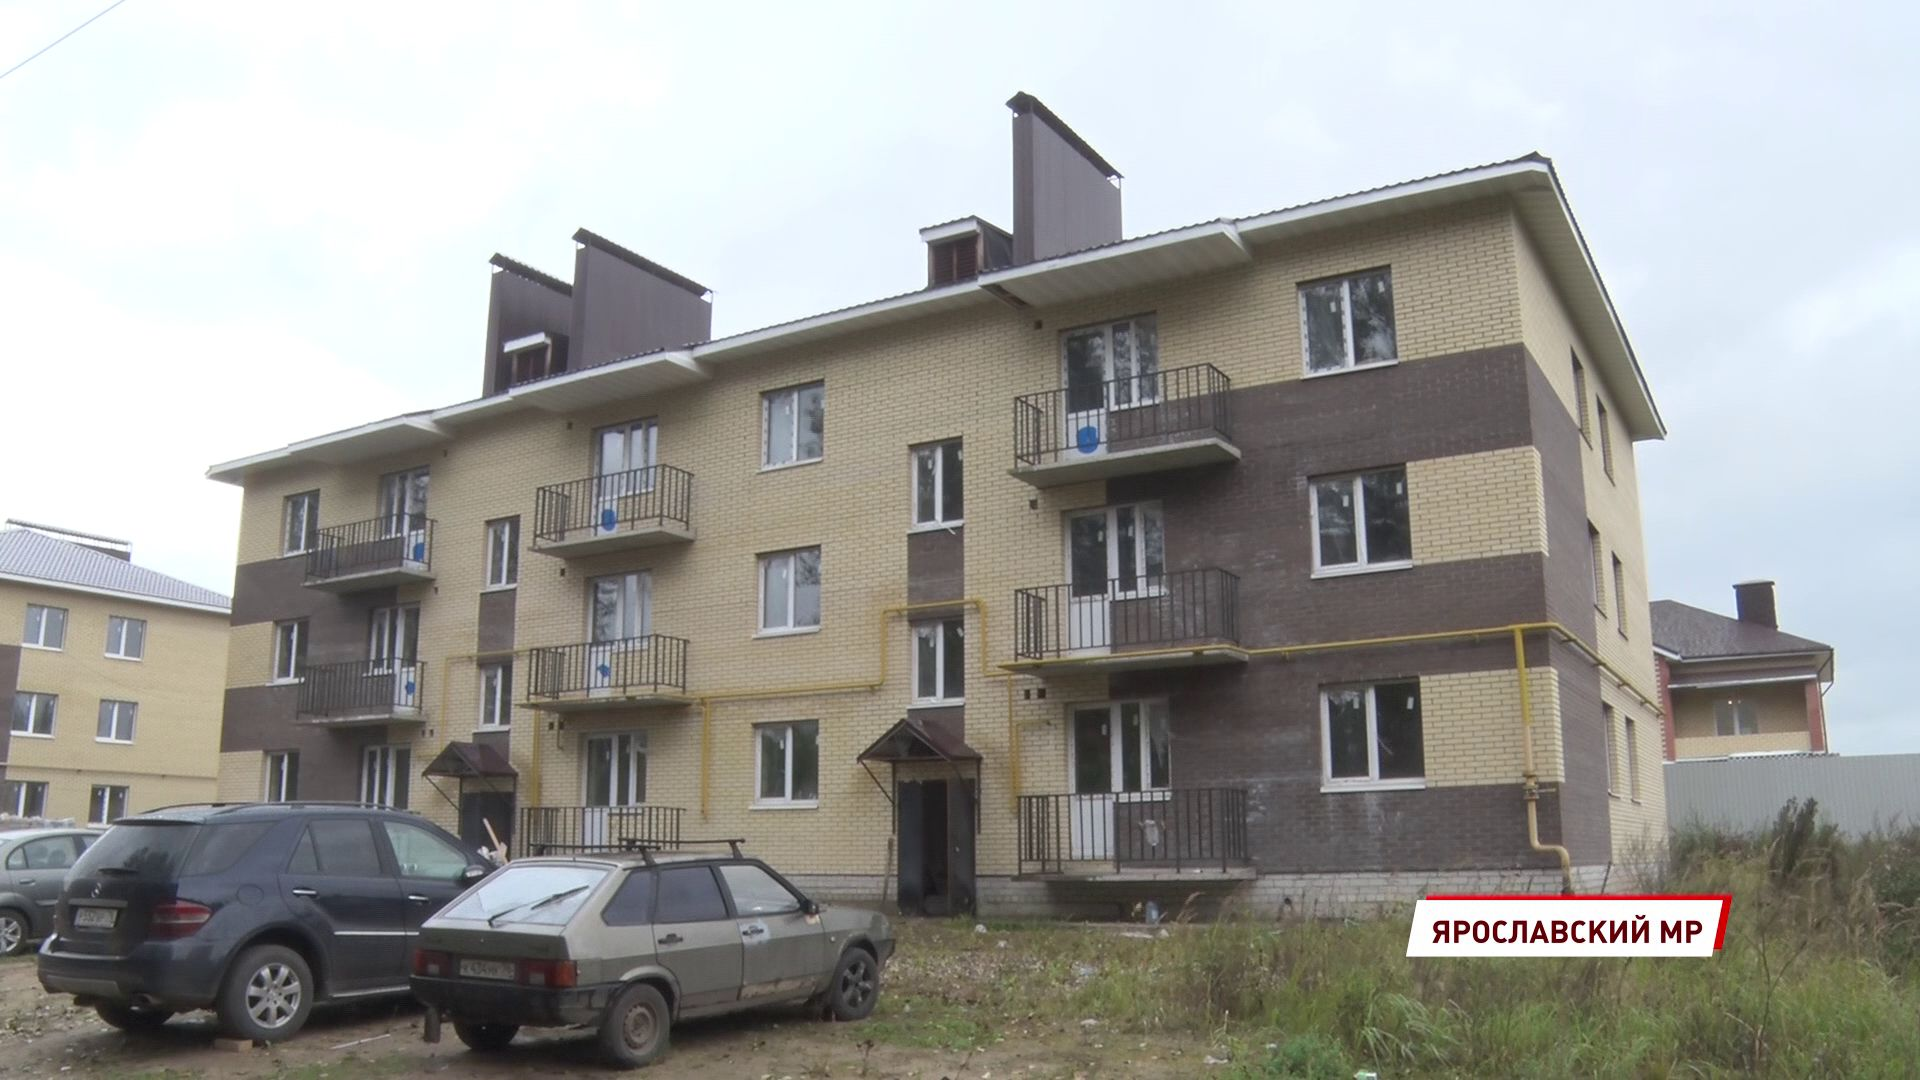 В Ярославской области возобновилась работа на двух недостроях